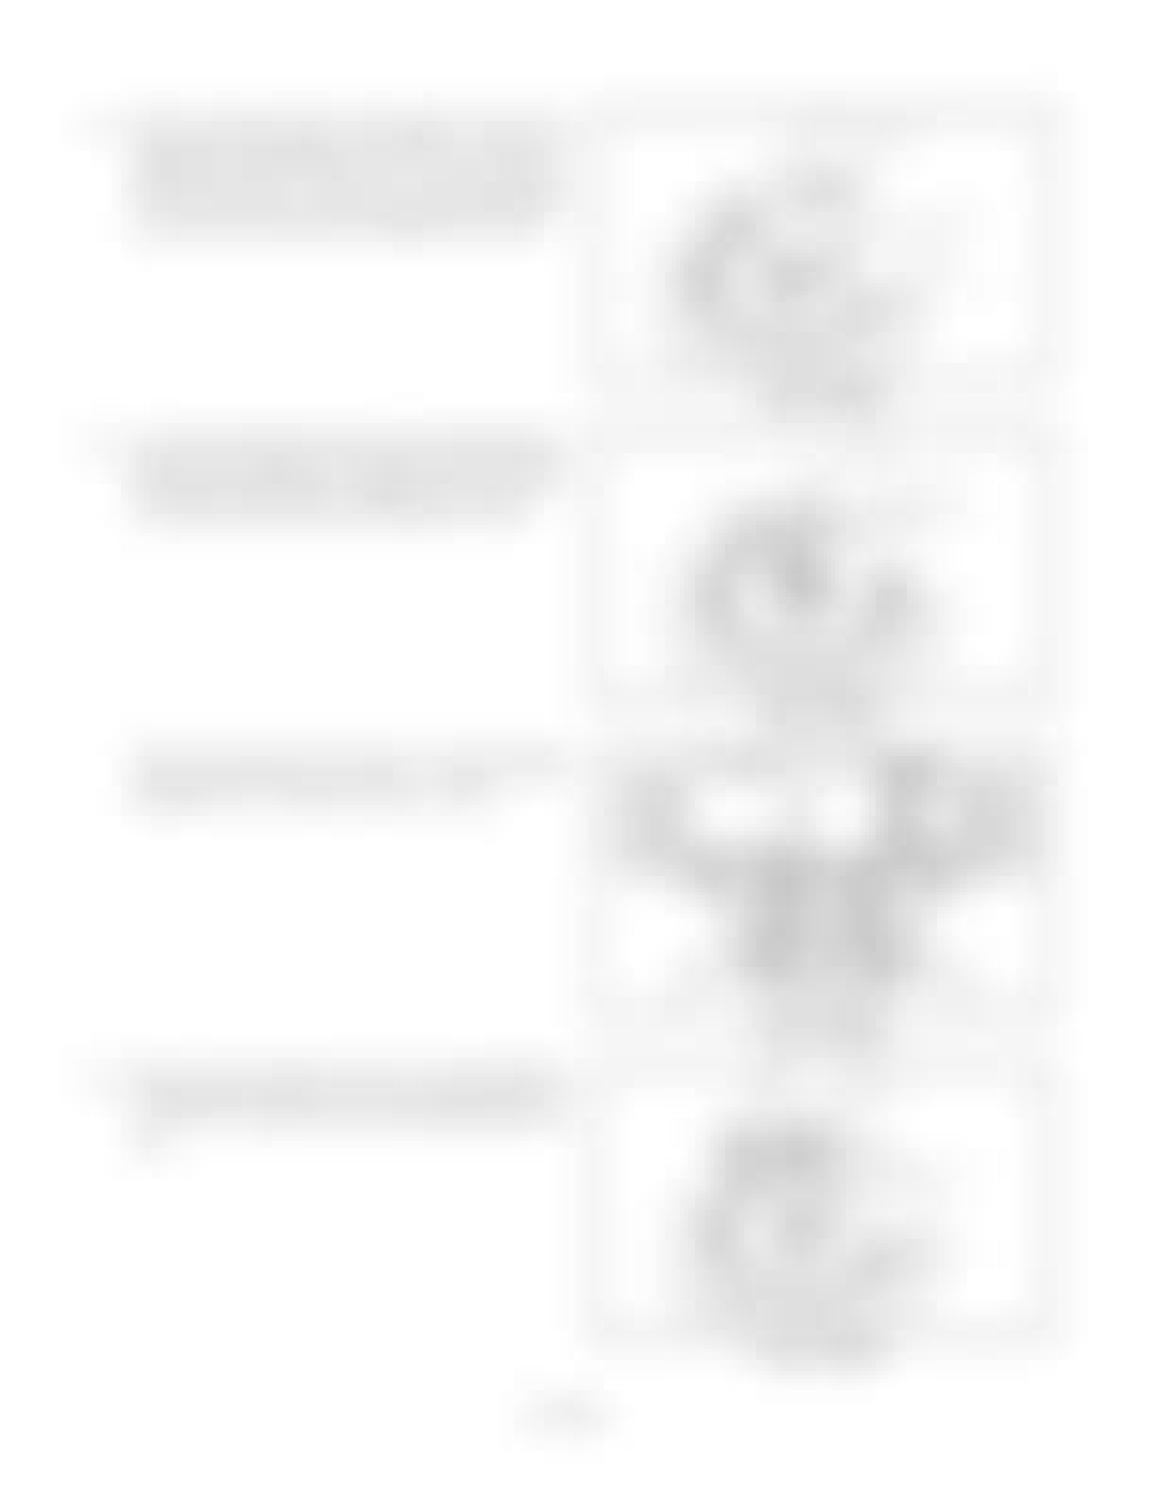 Hitachi LX110-7 LX130-7 LX160-7 LX190-7 LX230-7 Wheel Loader Workshop Manual - PDF DOWNLOAD page 178